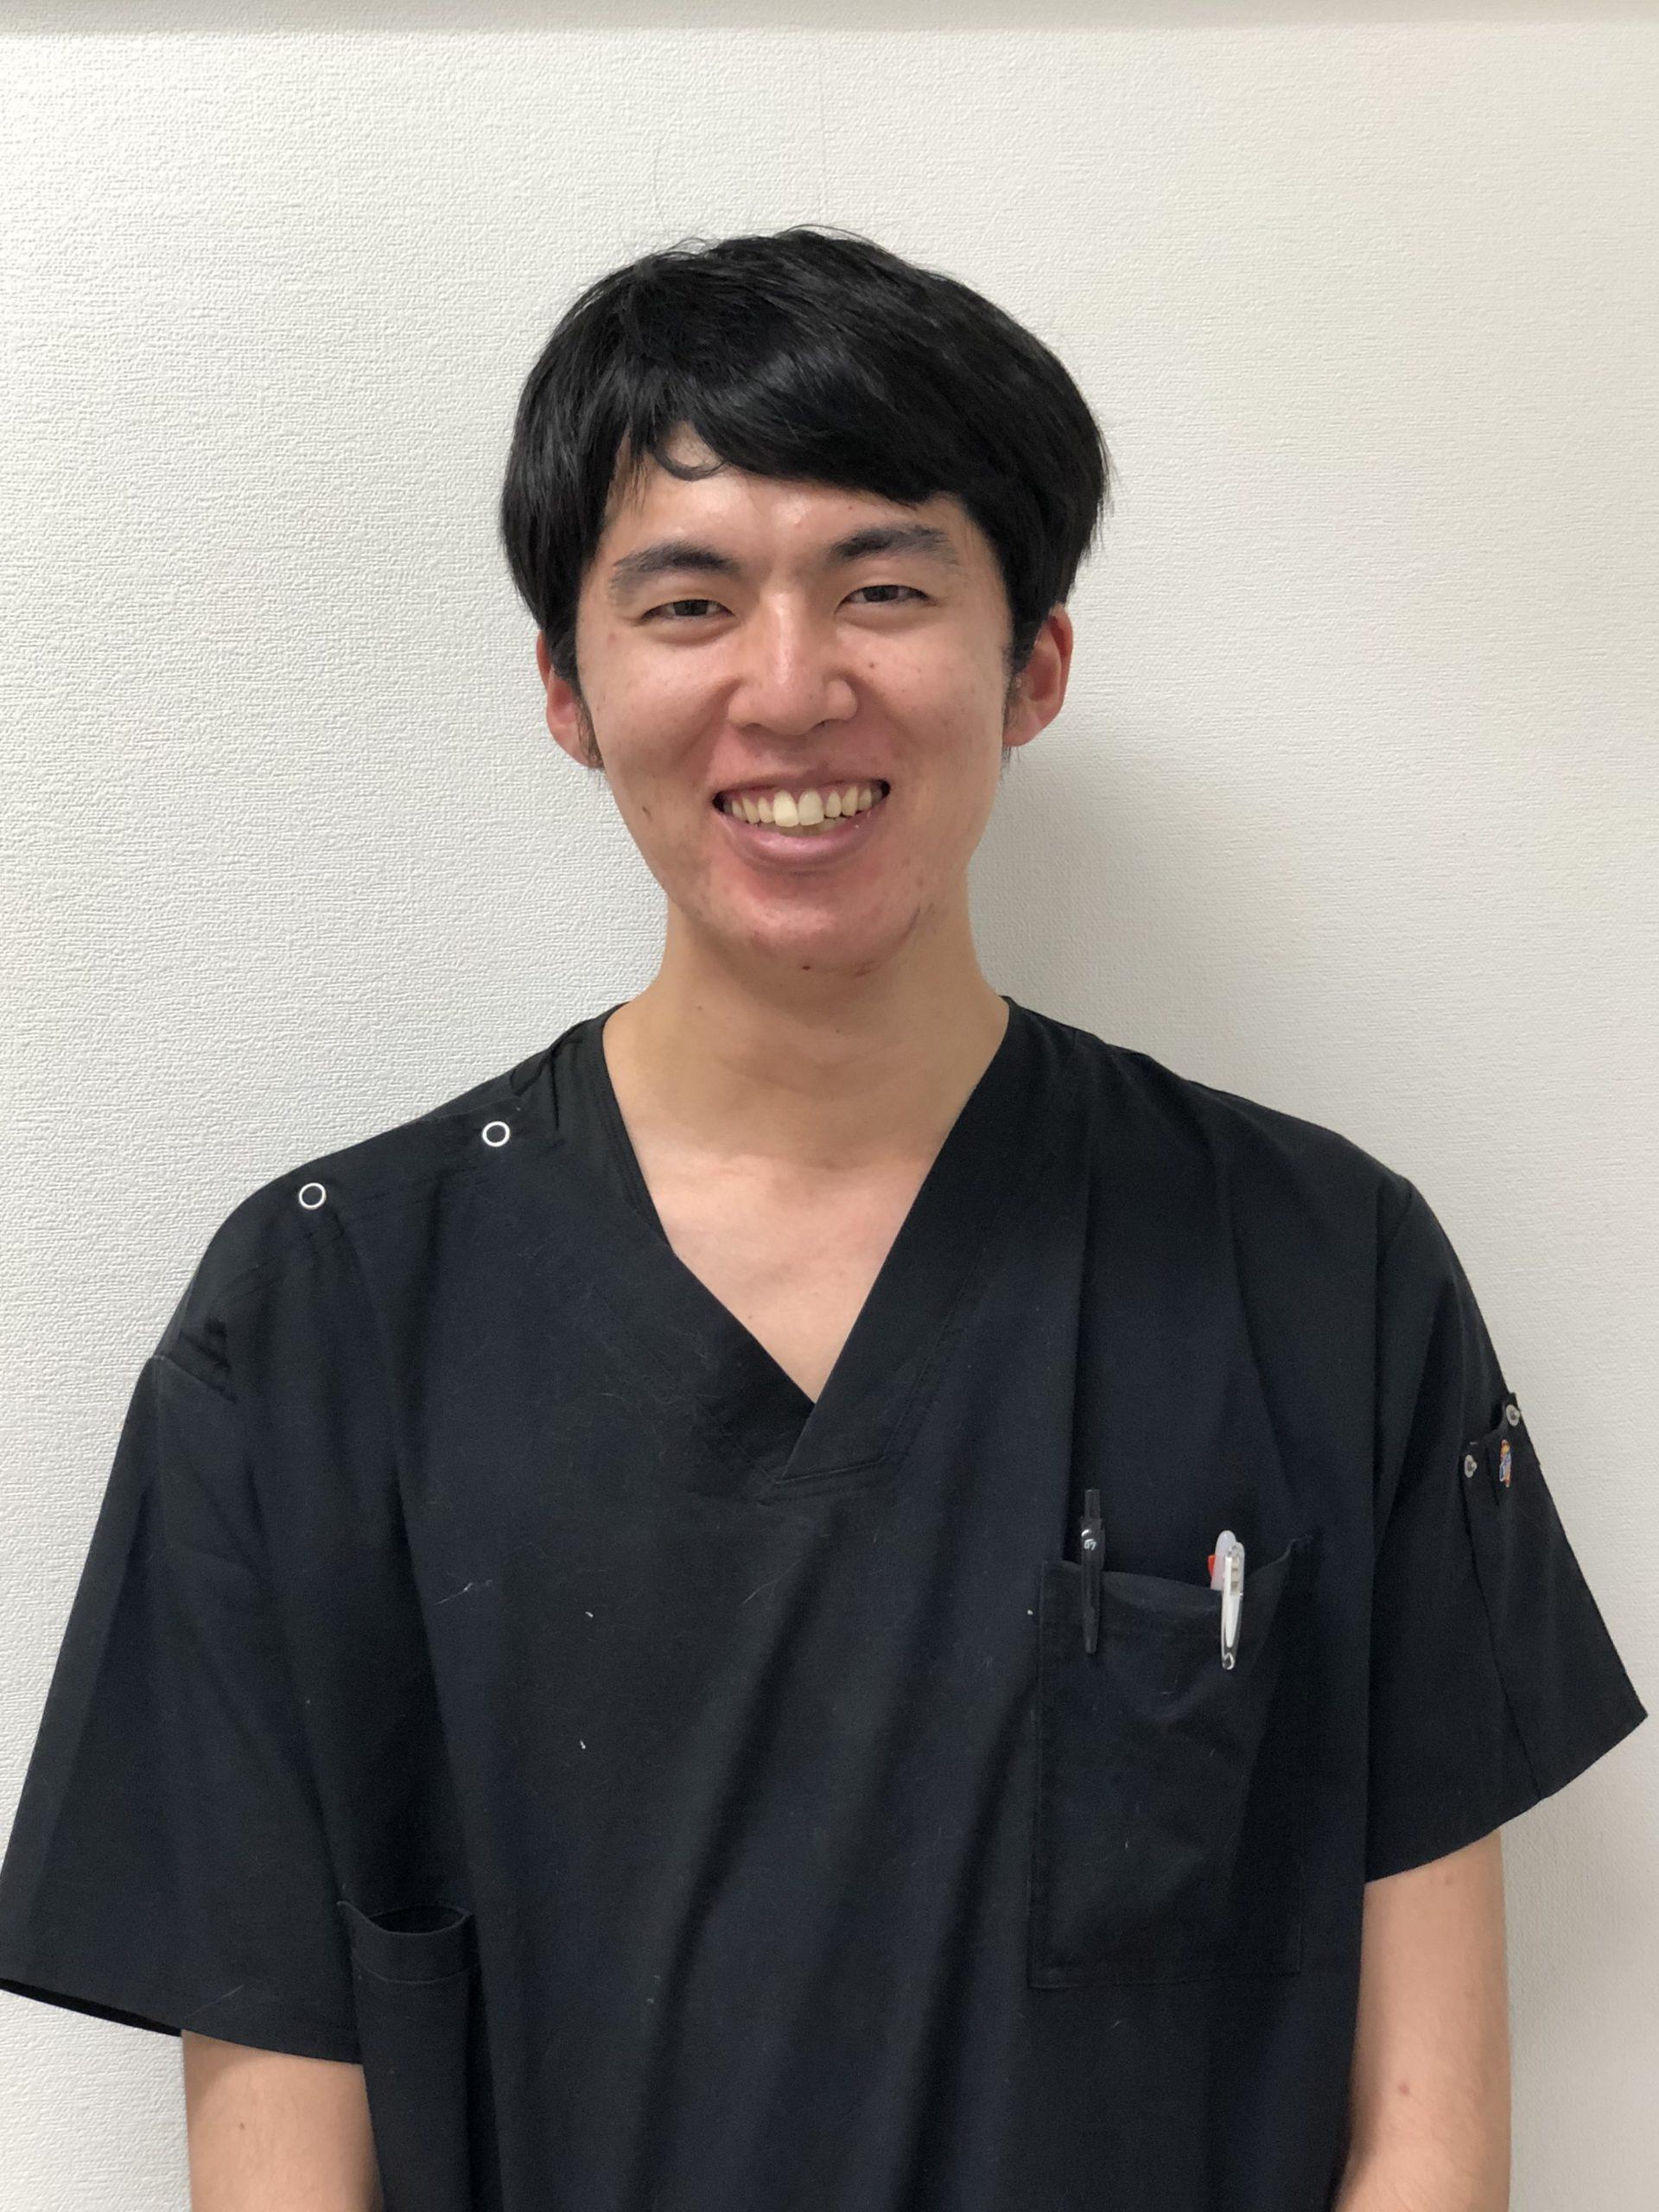 獣医師 池田渓志郎